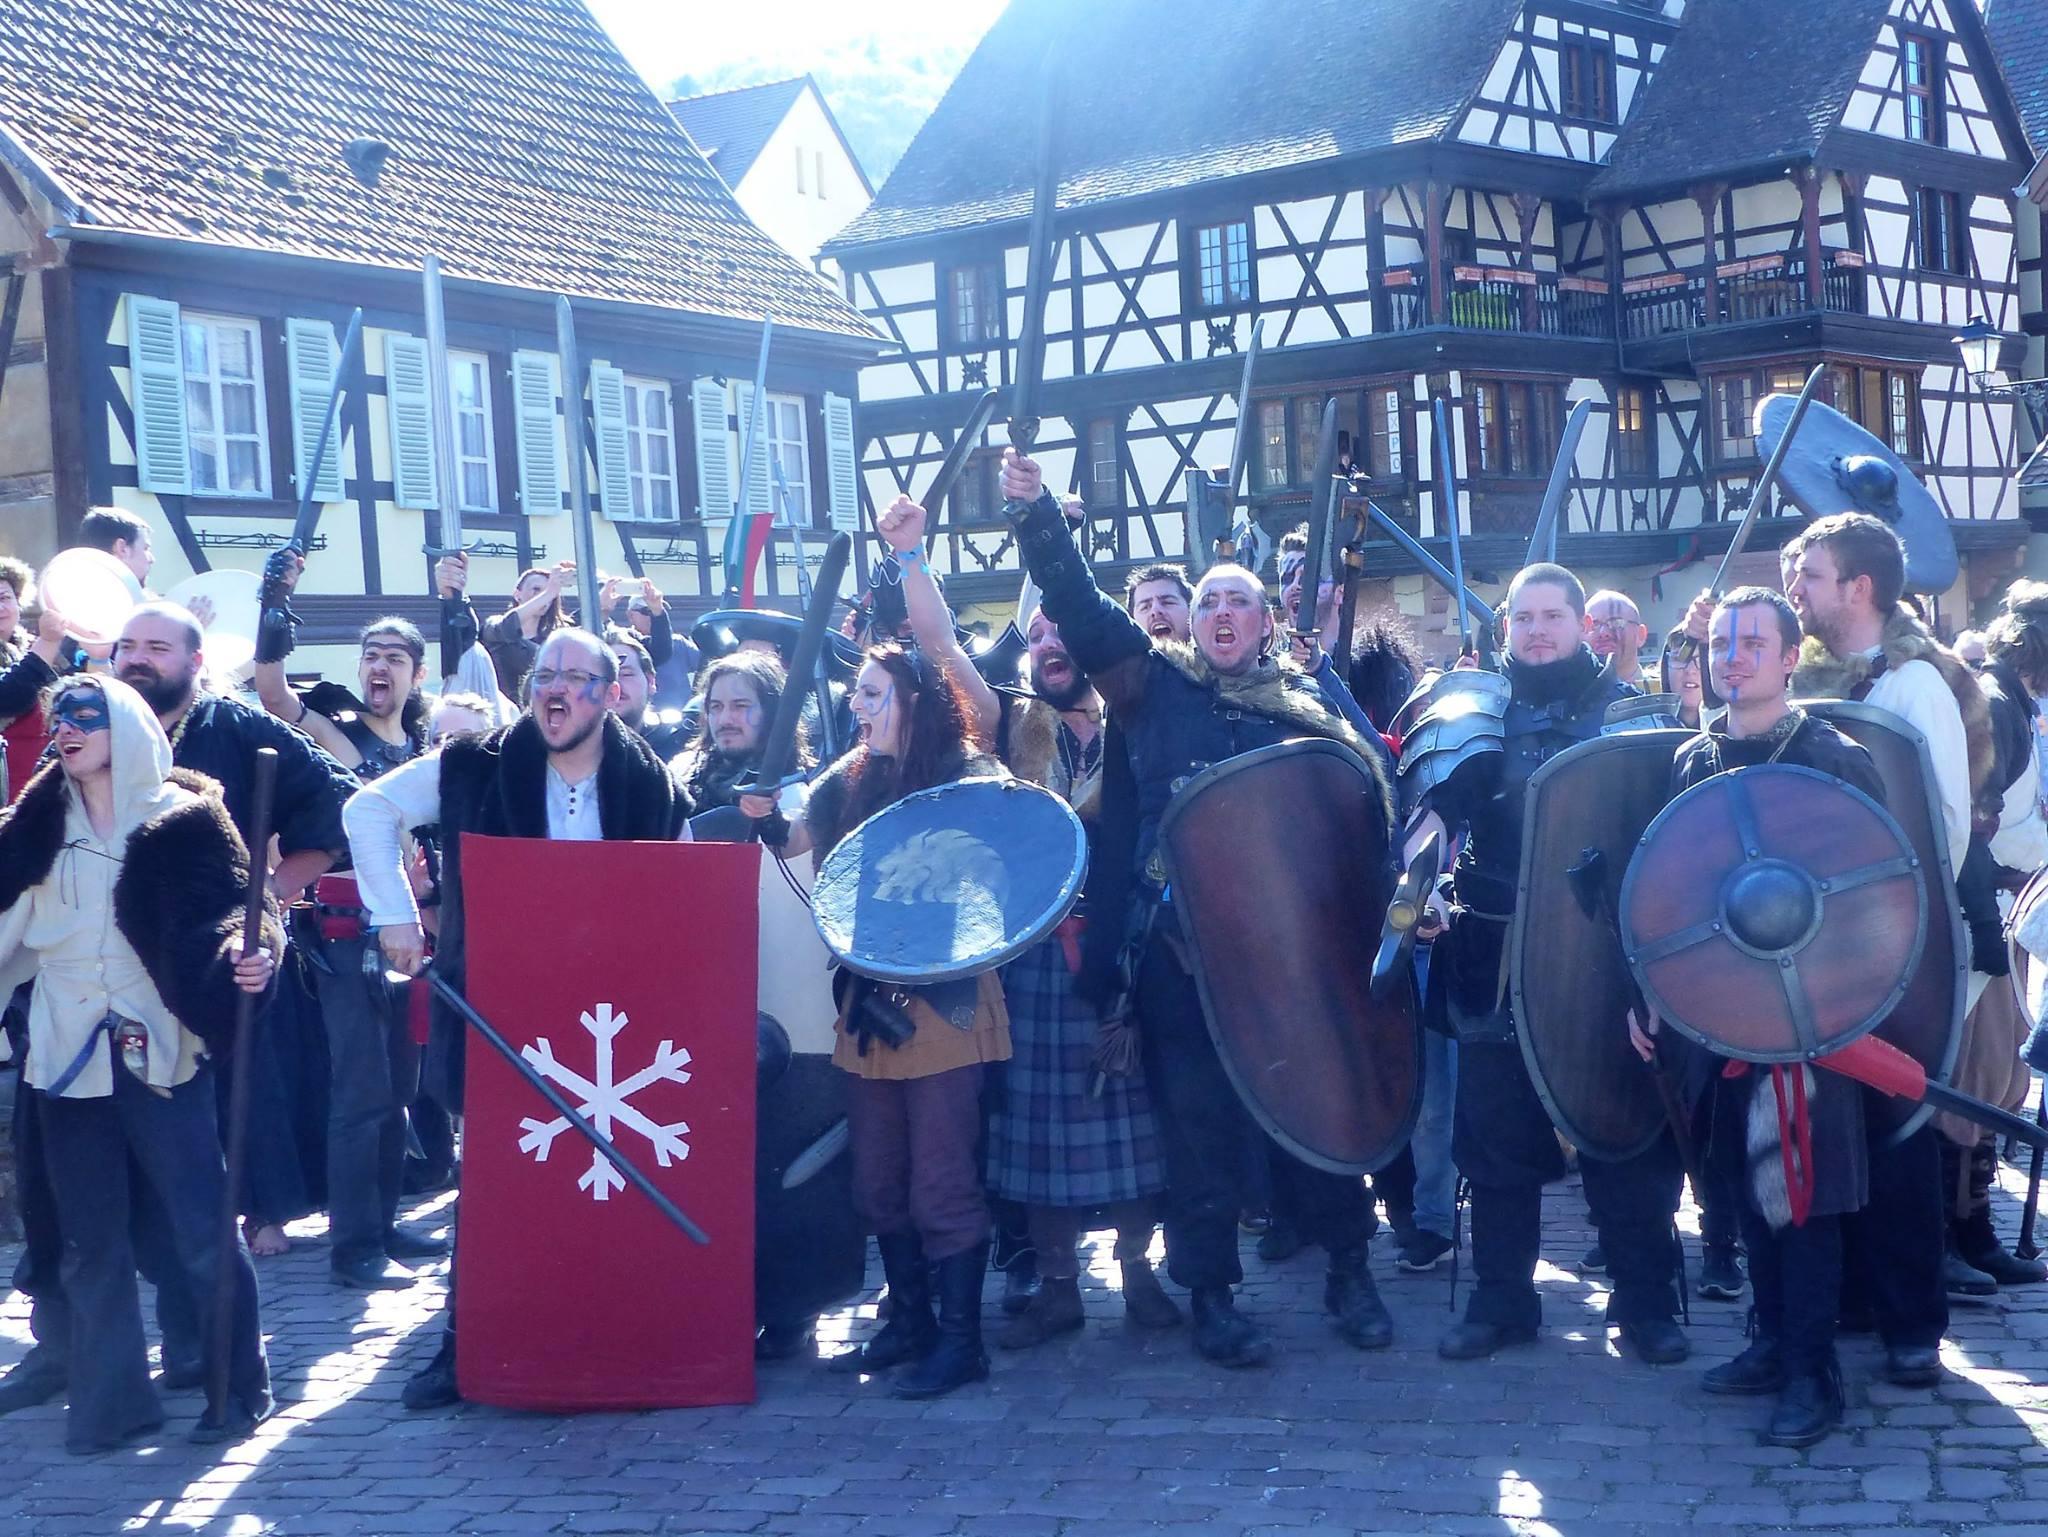 Les clans Barbares prêts à l'action !